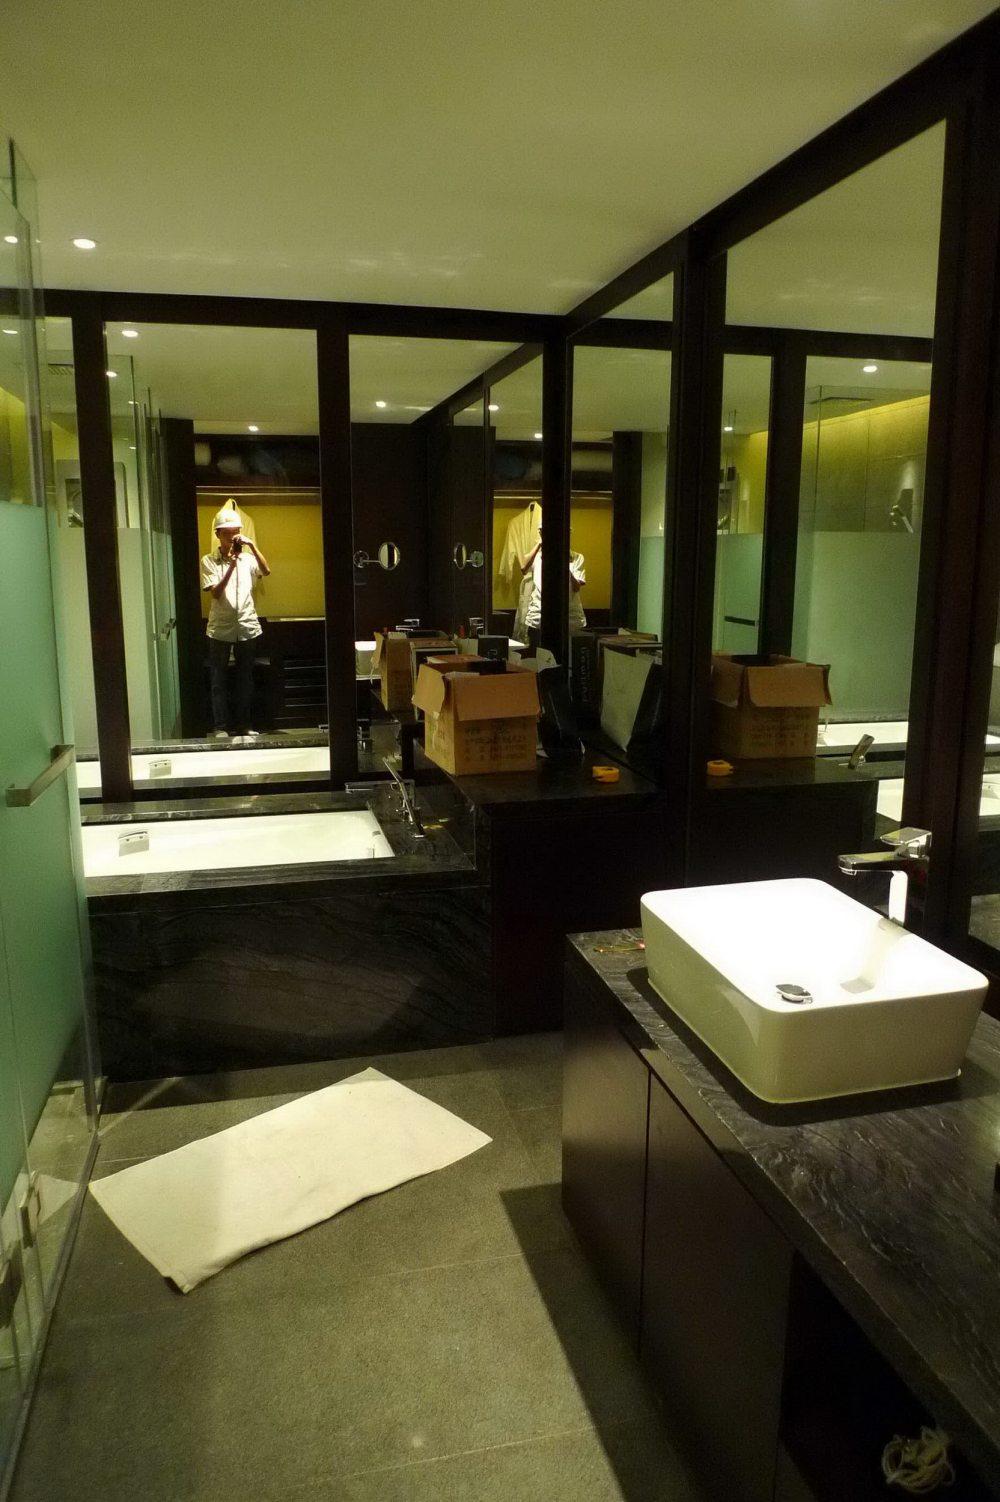 云南丽江铂尔曼渡假酒店(Lijiang Pullman Hotel)(CCD)(第8页更新)_P1010710.jpg